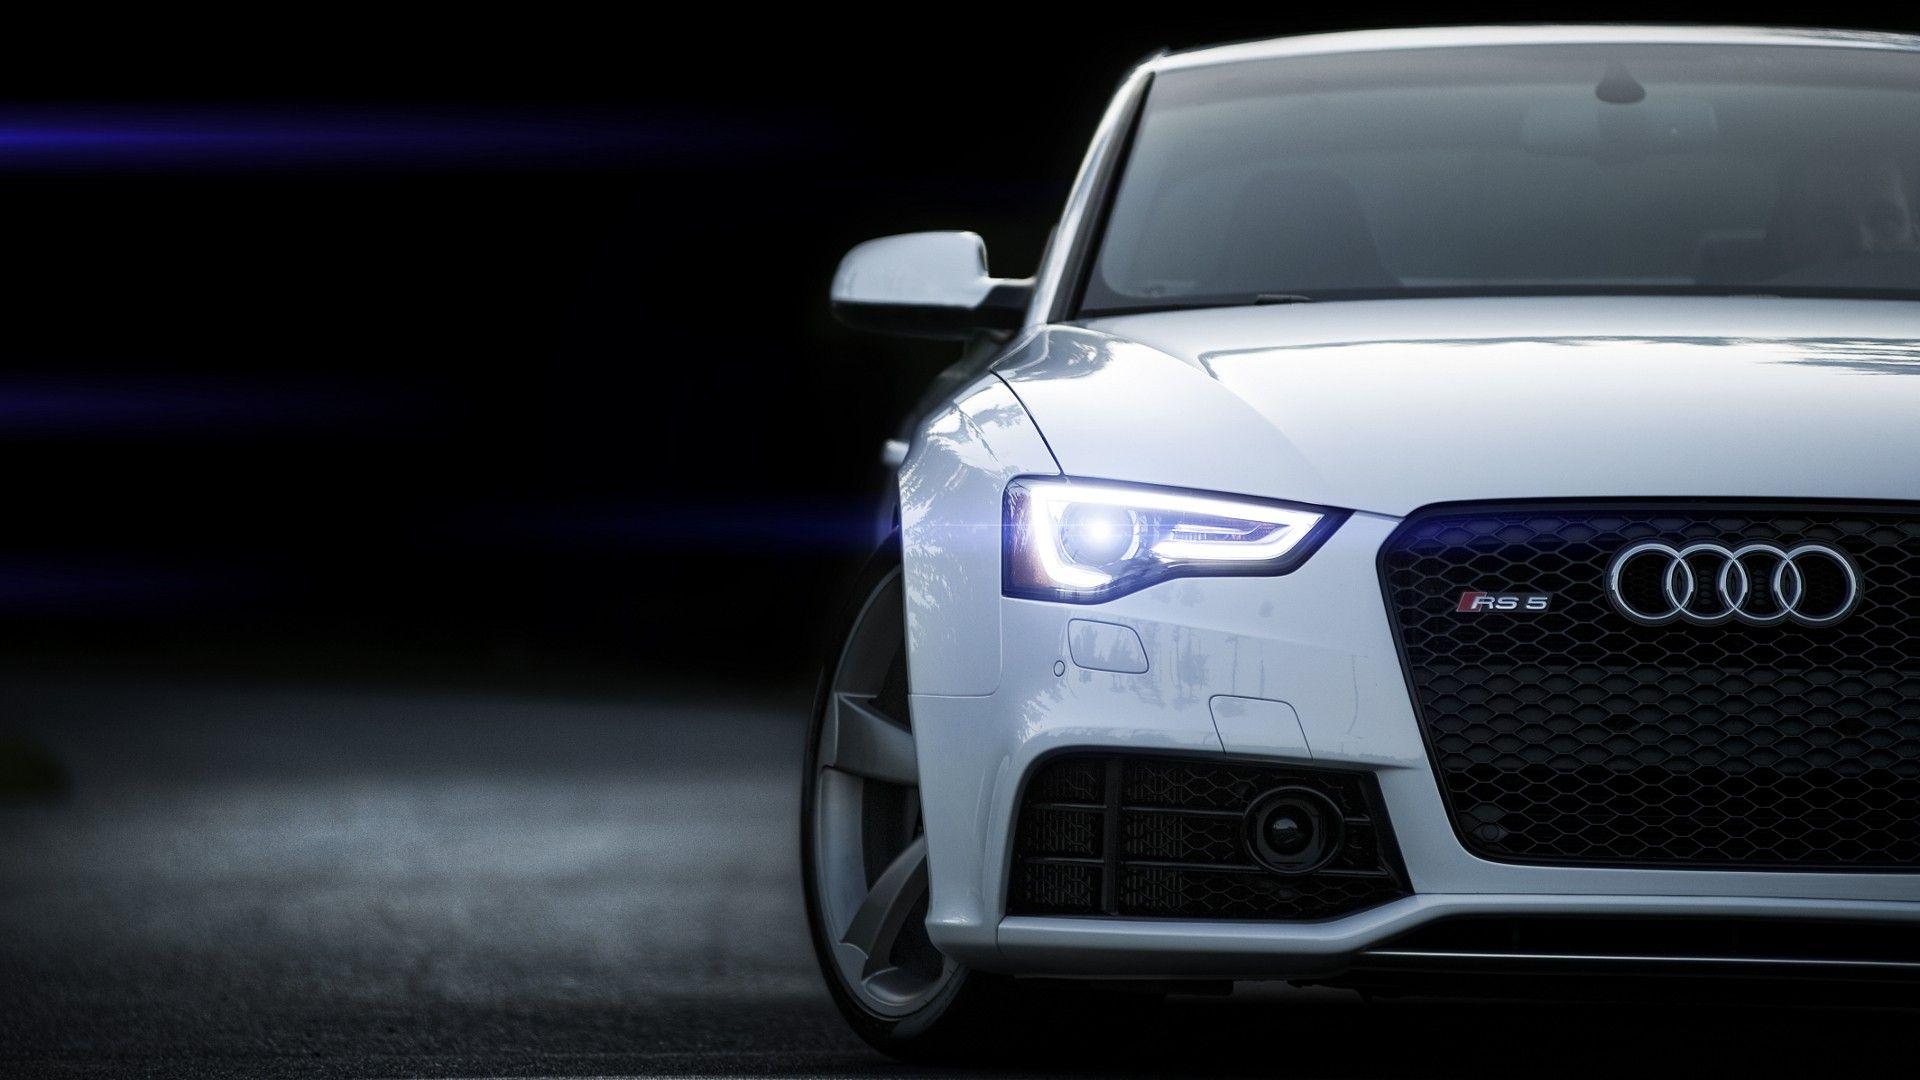 Auto Wallpapers Google Zoeken Car Wallpapers Audi Audi Wallpapers